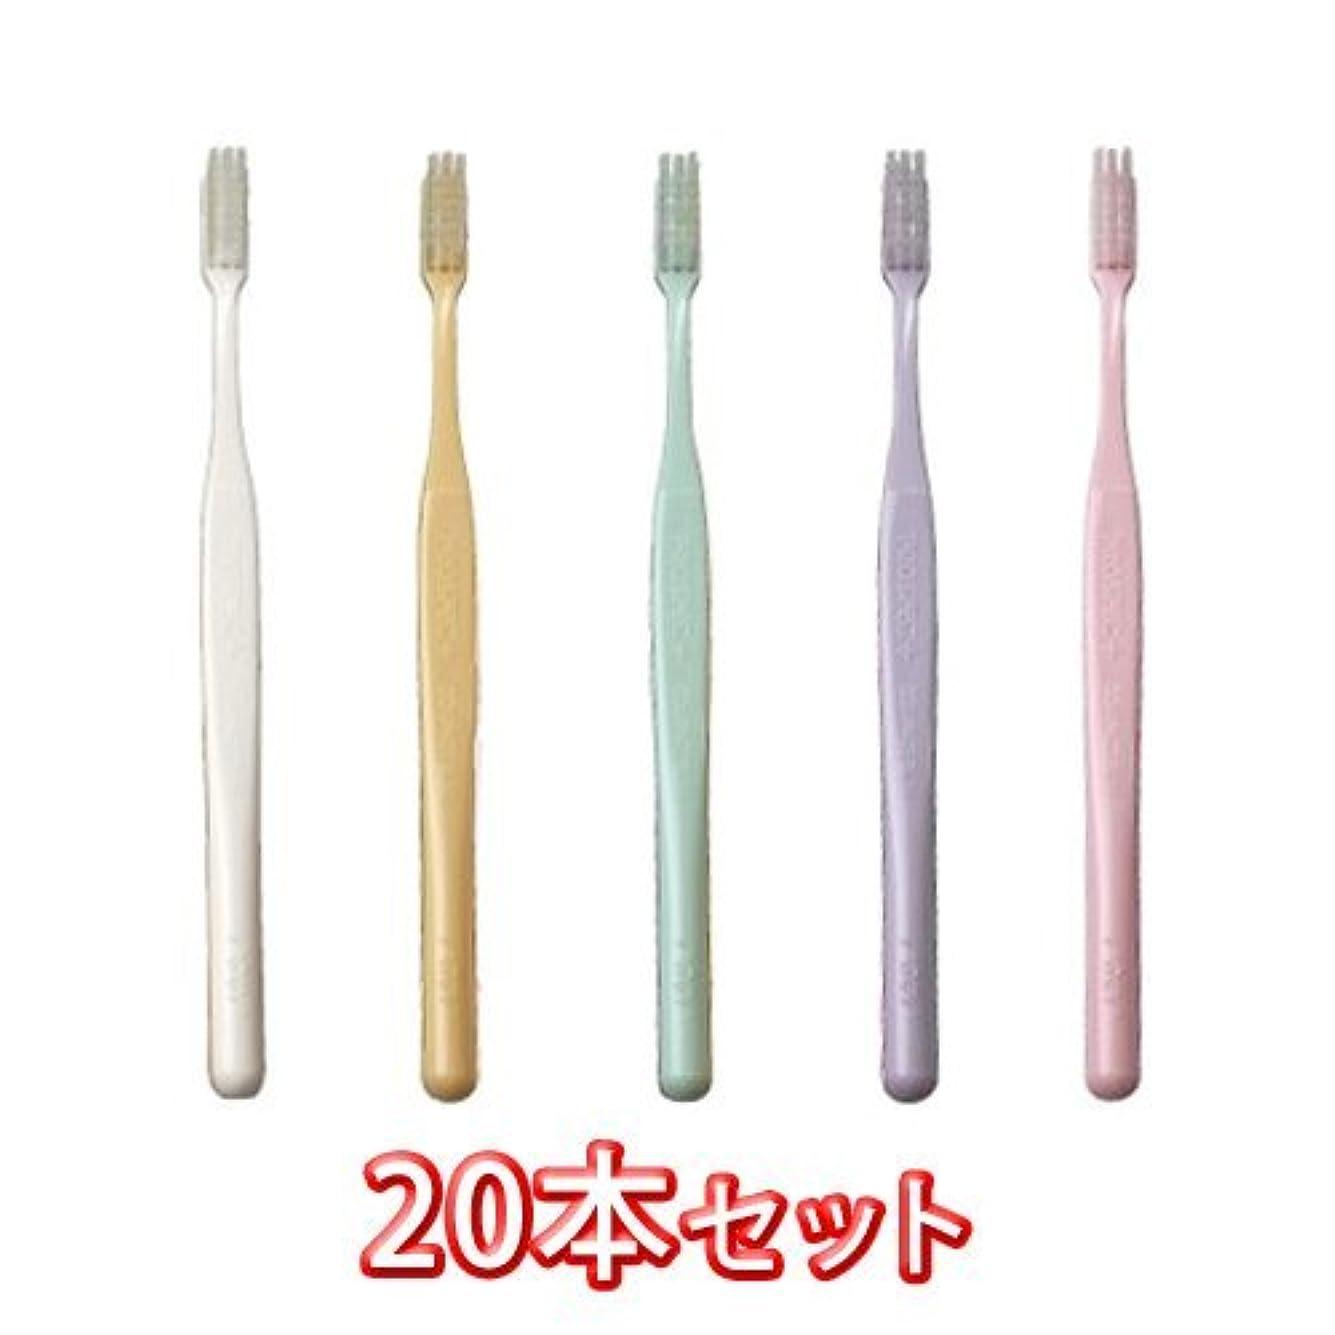 気取らないかご不条理プロスペック 歯ブラシ プラス コンパクトスリム 20本入 ふつう色 S やわらかめ